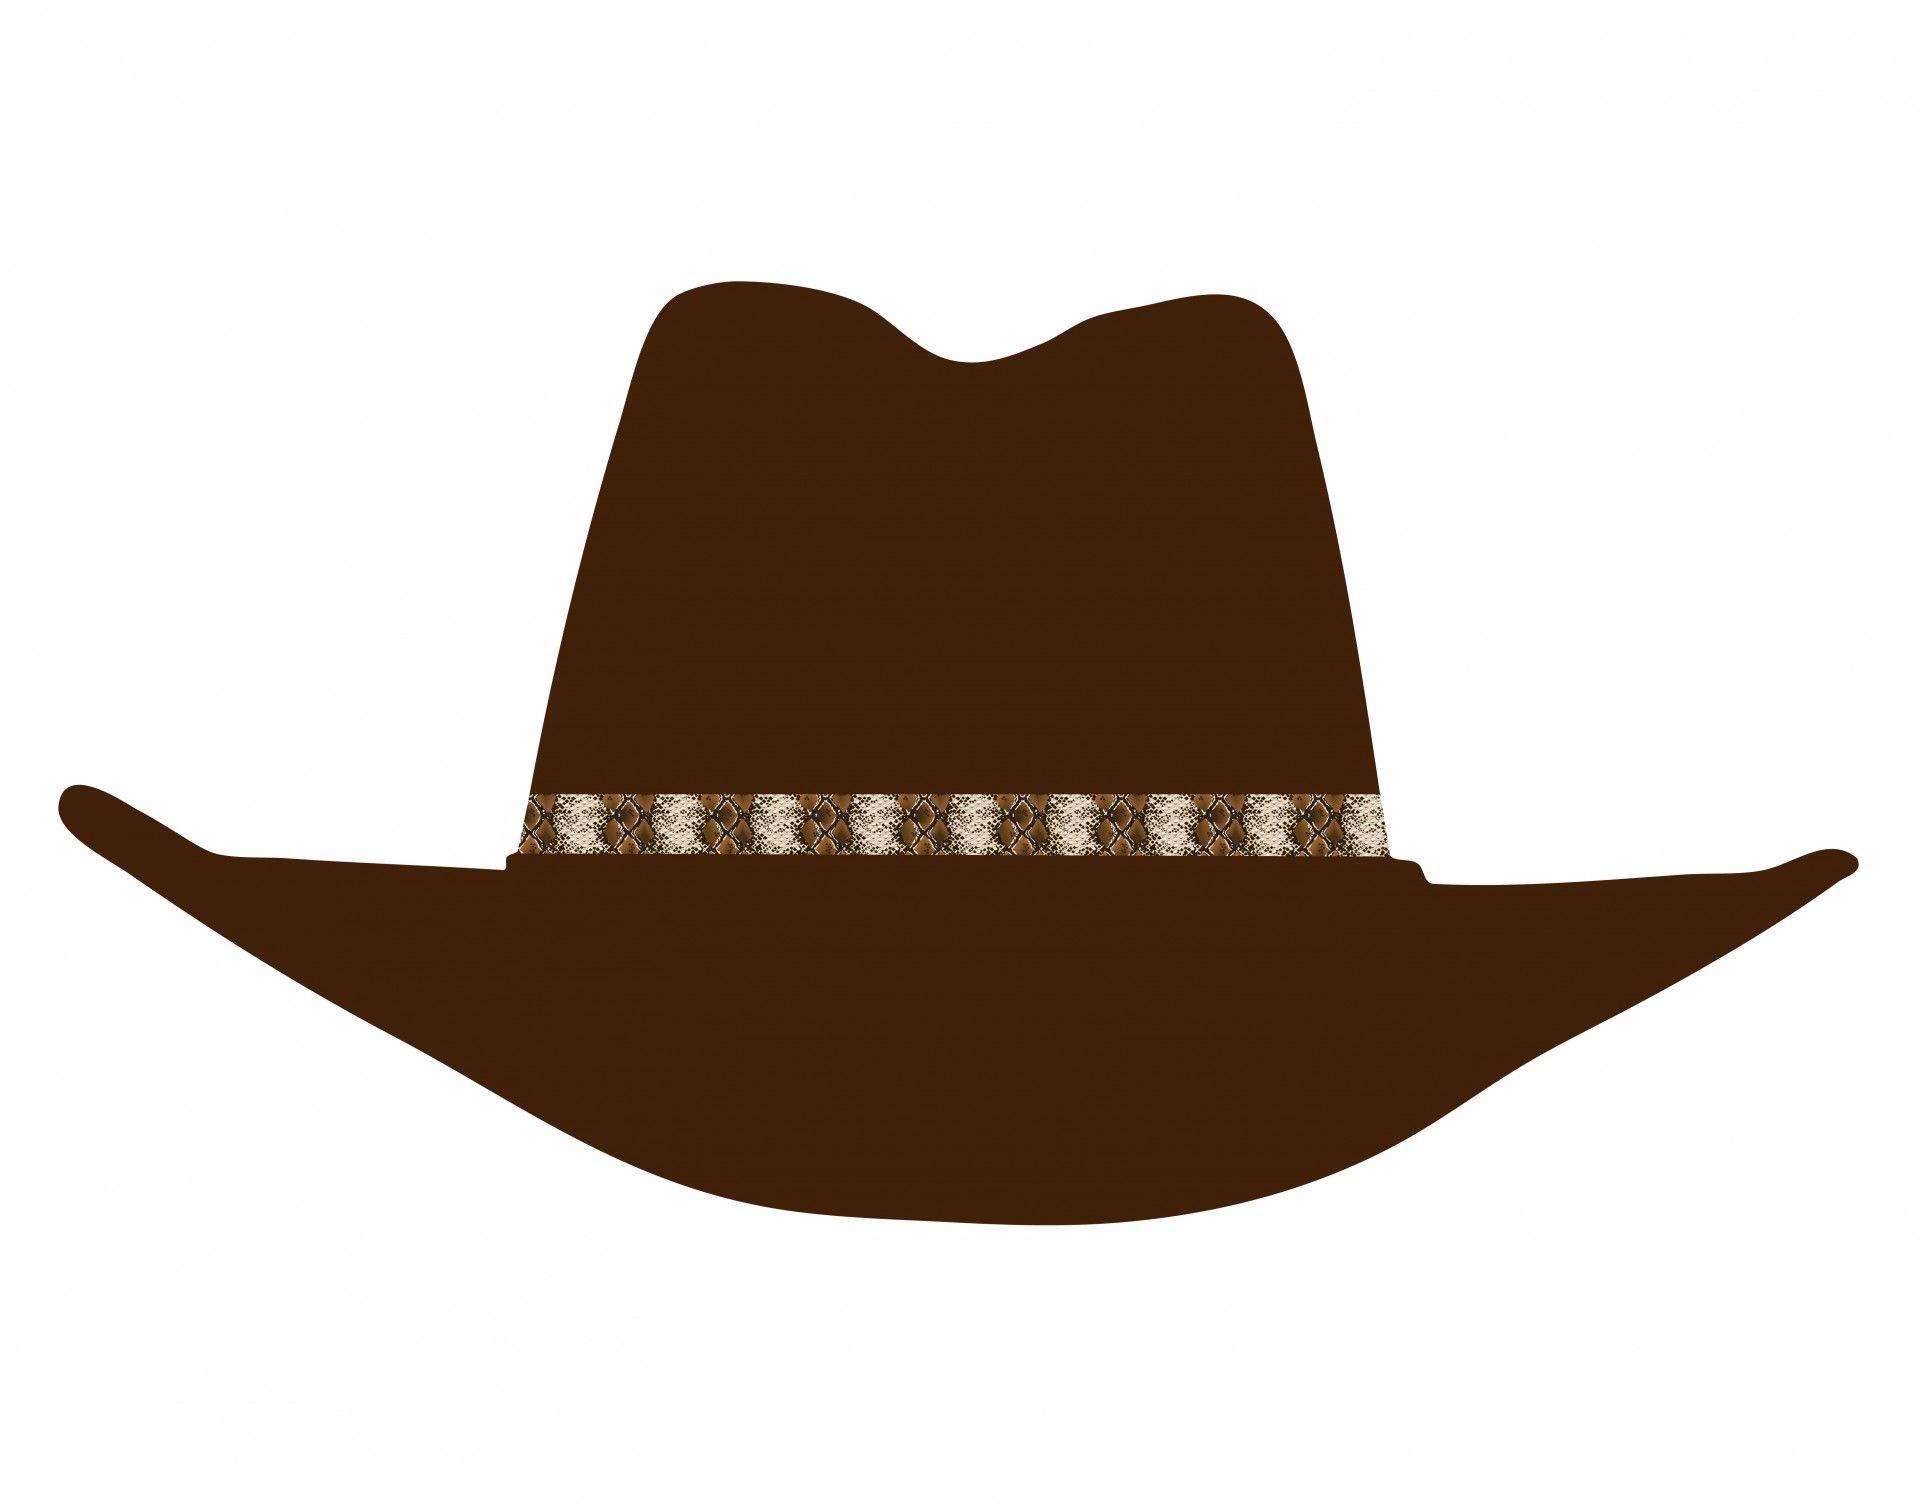 259bba7535e Cowboy Hat Clip-art Drawing Hats